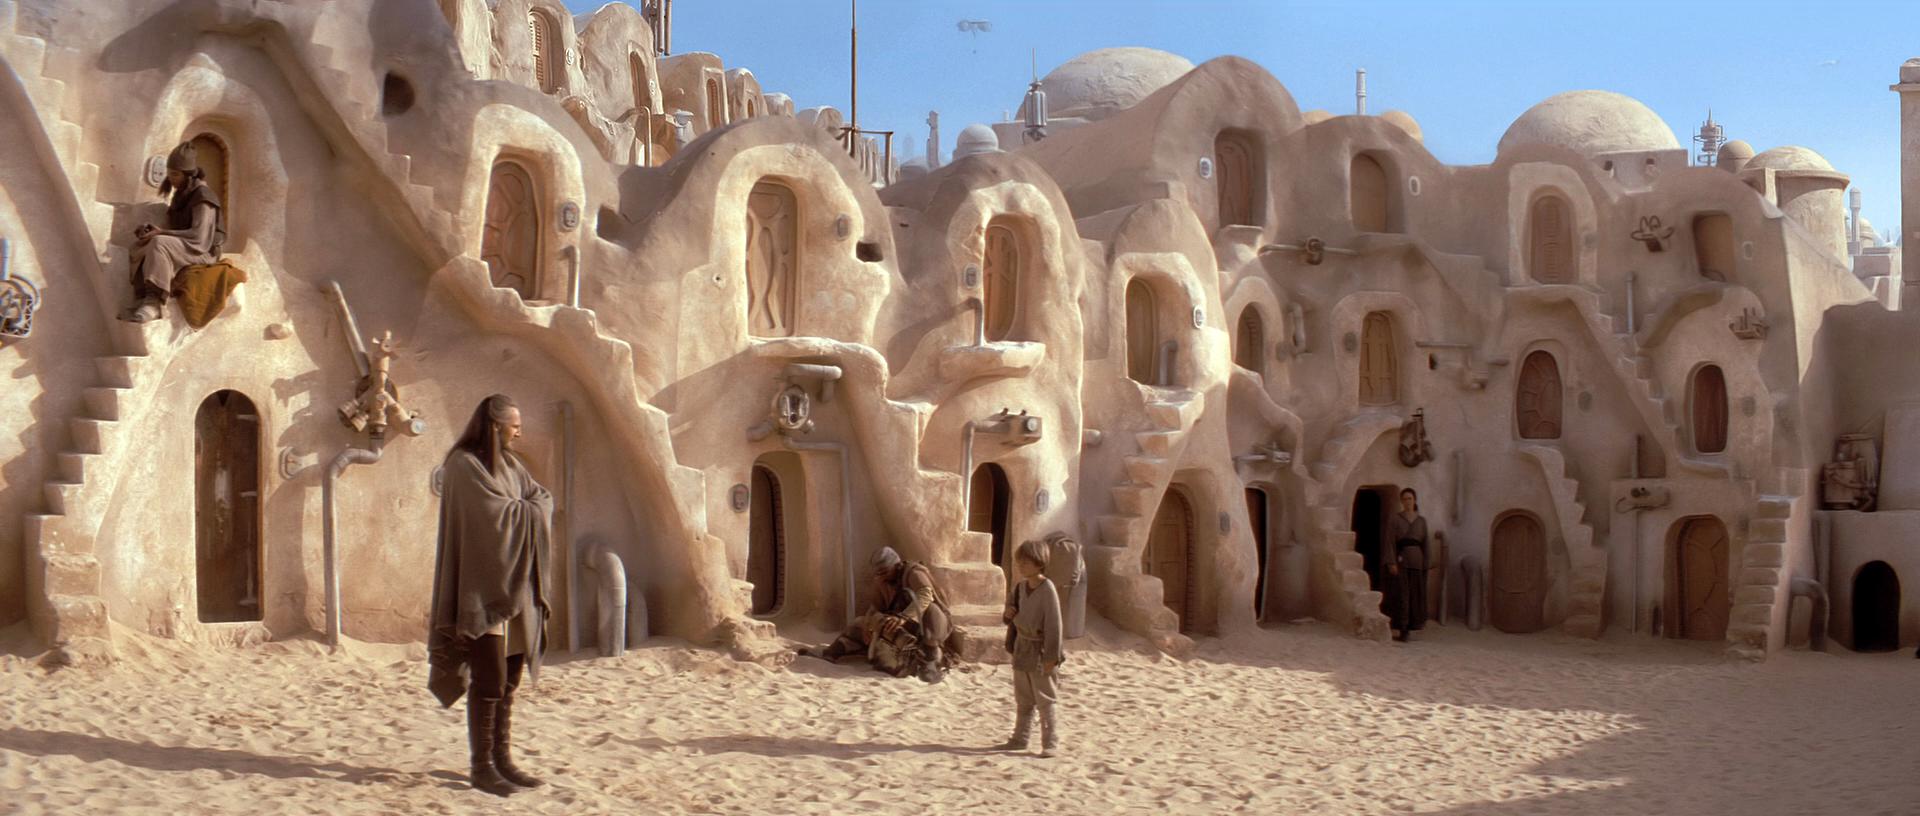 tatooine1